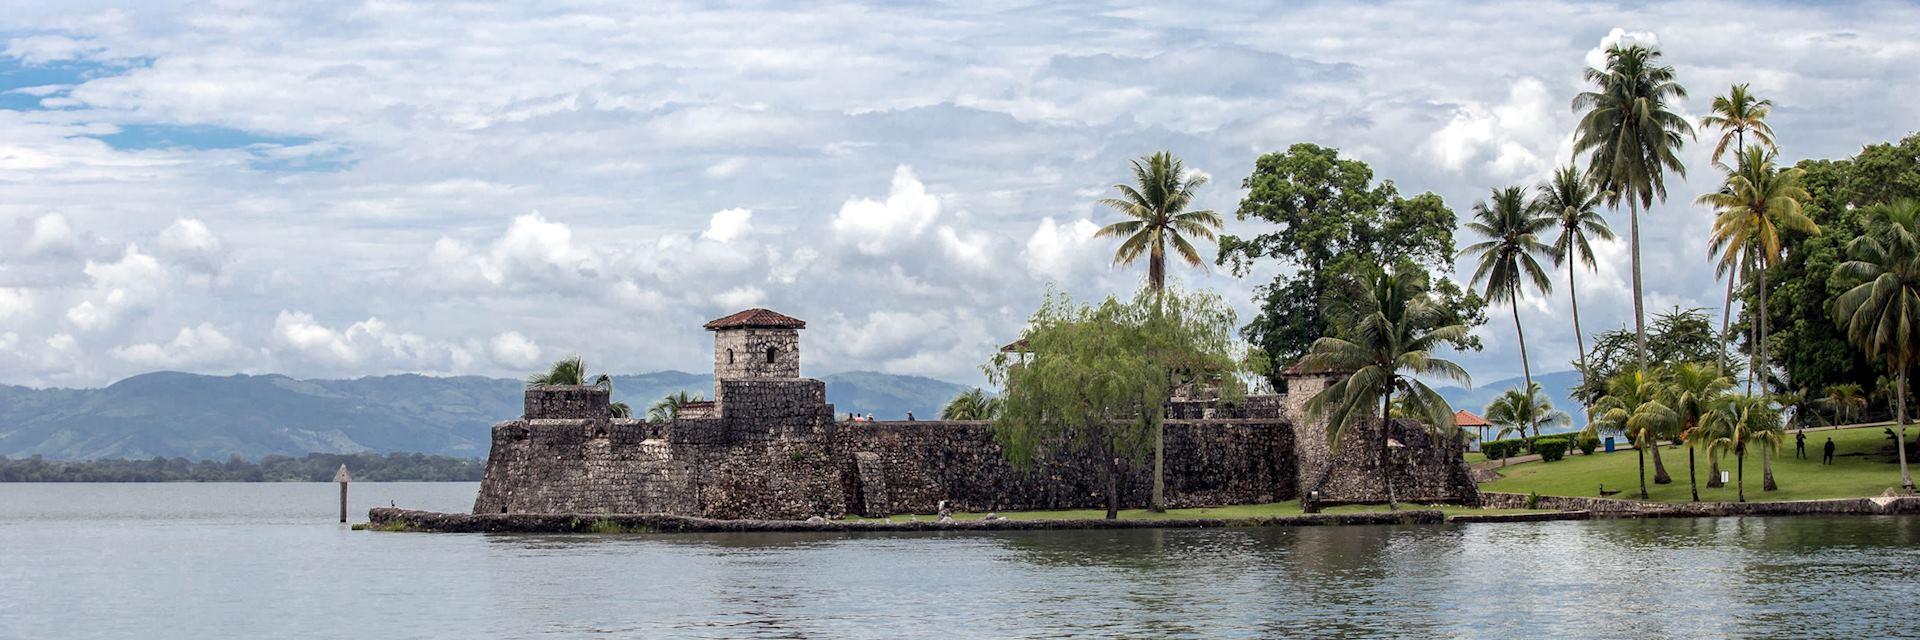 Castle, Rio Dulce